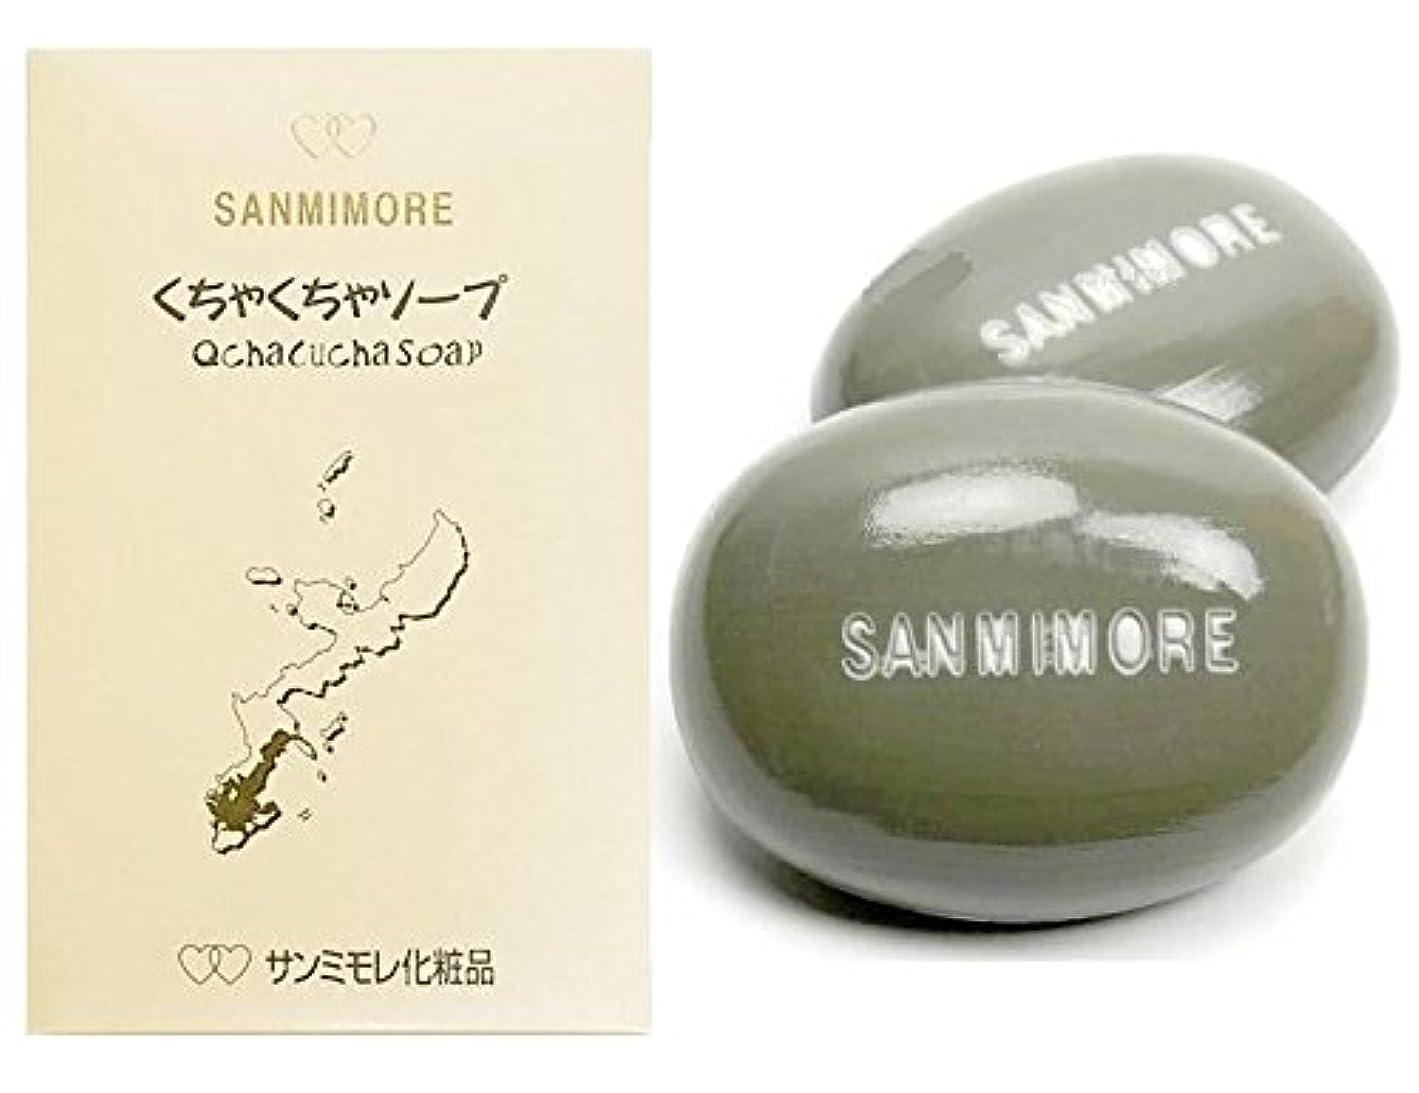 液化する数学唯物論SANMIMORE(サンミモレ化粧品) くちゃくちゃソープ75g×2個 サンミモレ ベール専用石鹸